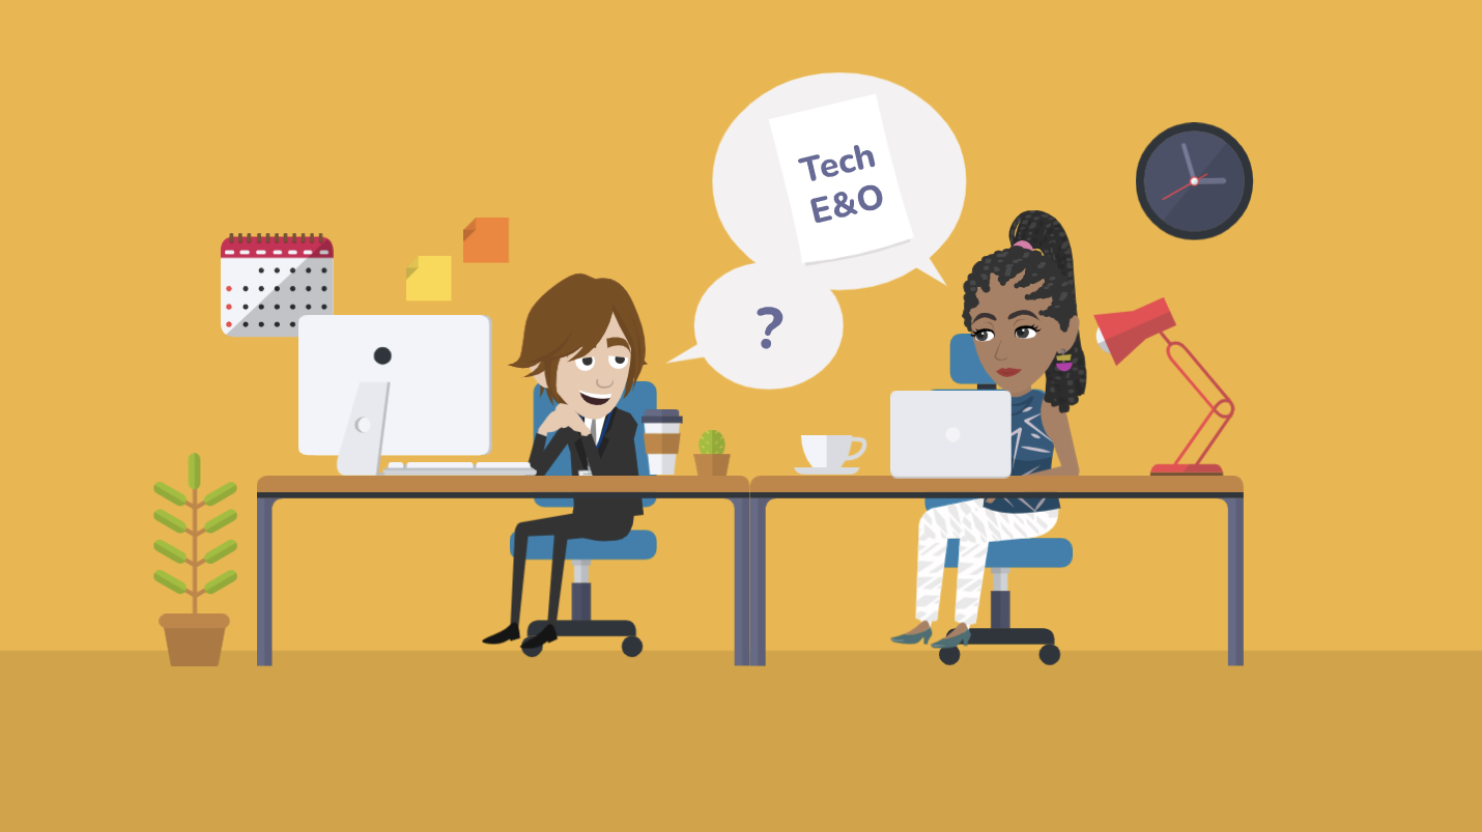 Do you need tech E&O?